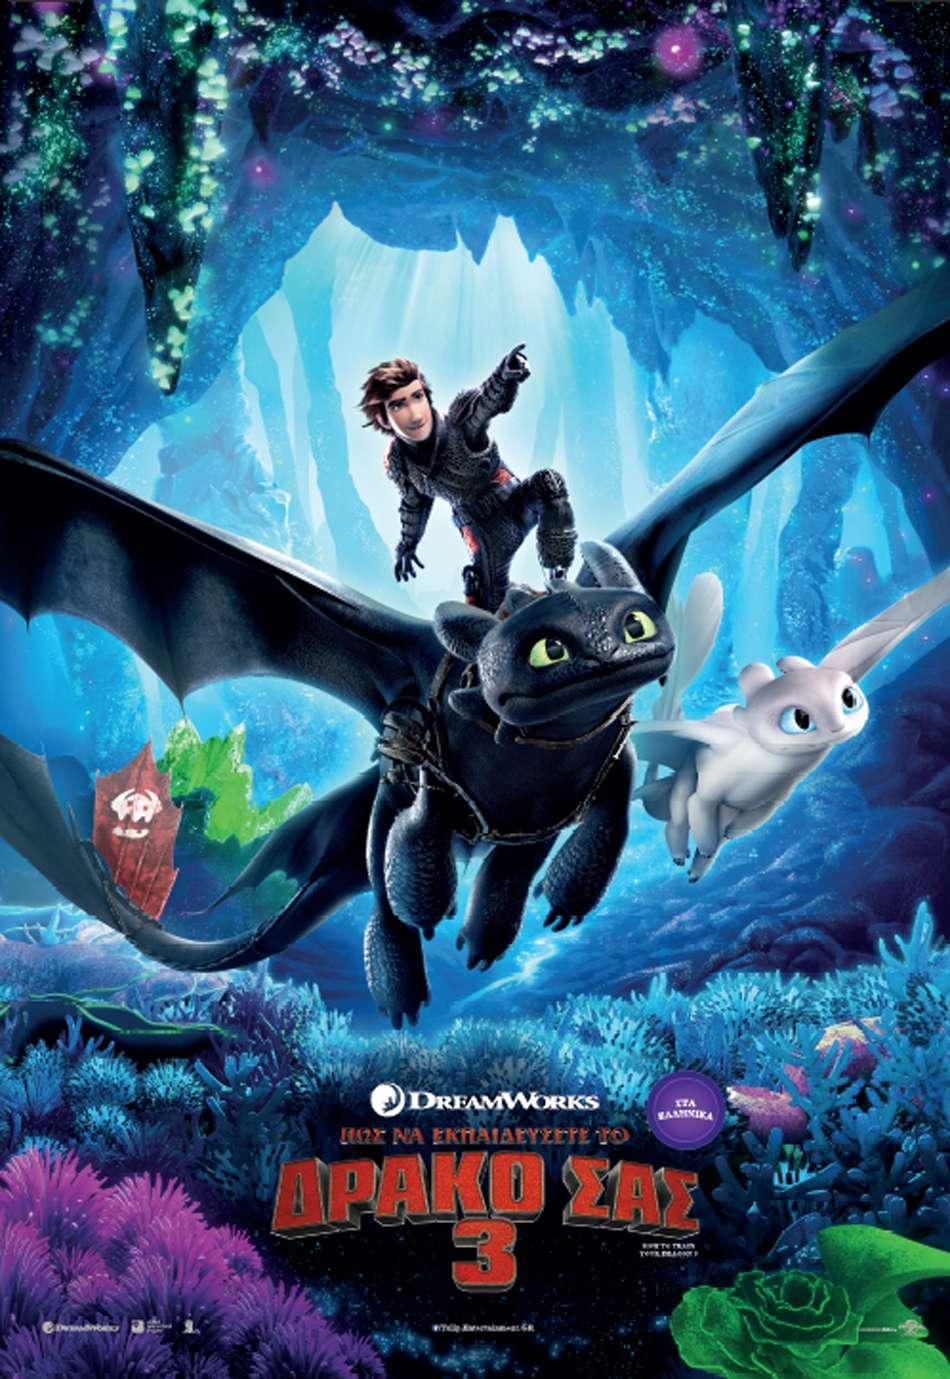 Πώς να Εκπαιδεύσετε το Δράκο σας 3 (How To Train Your Dragon: The Hidden World) Poster Πόστερ